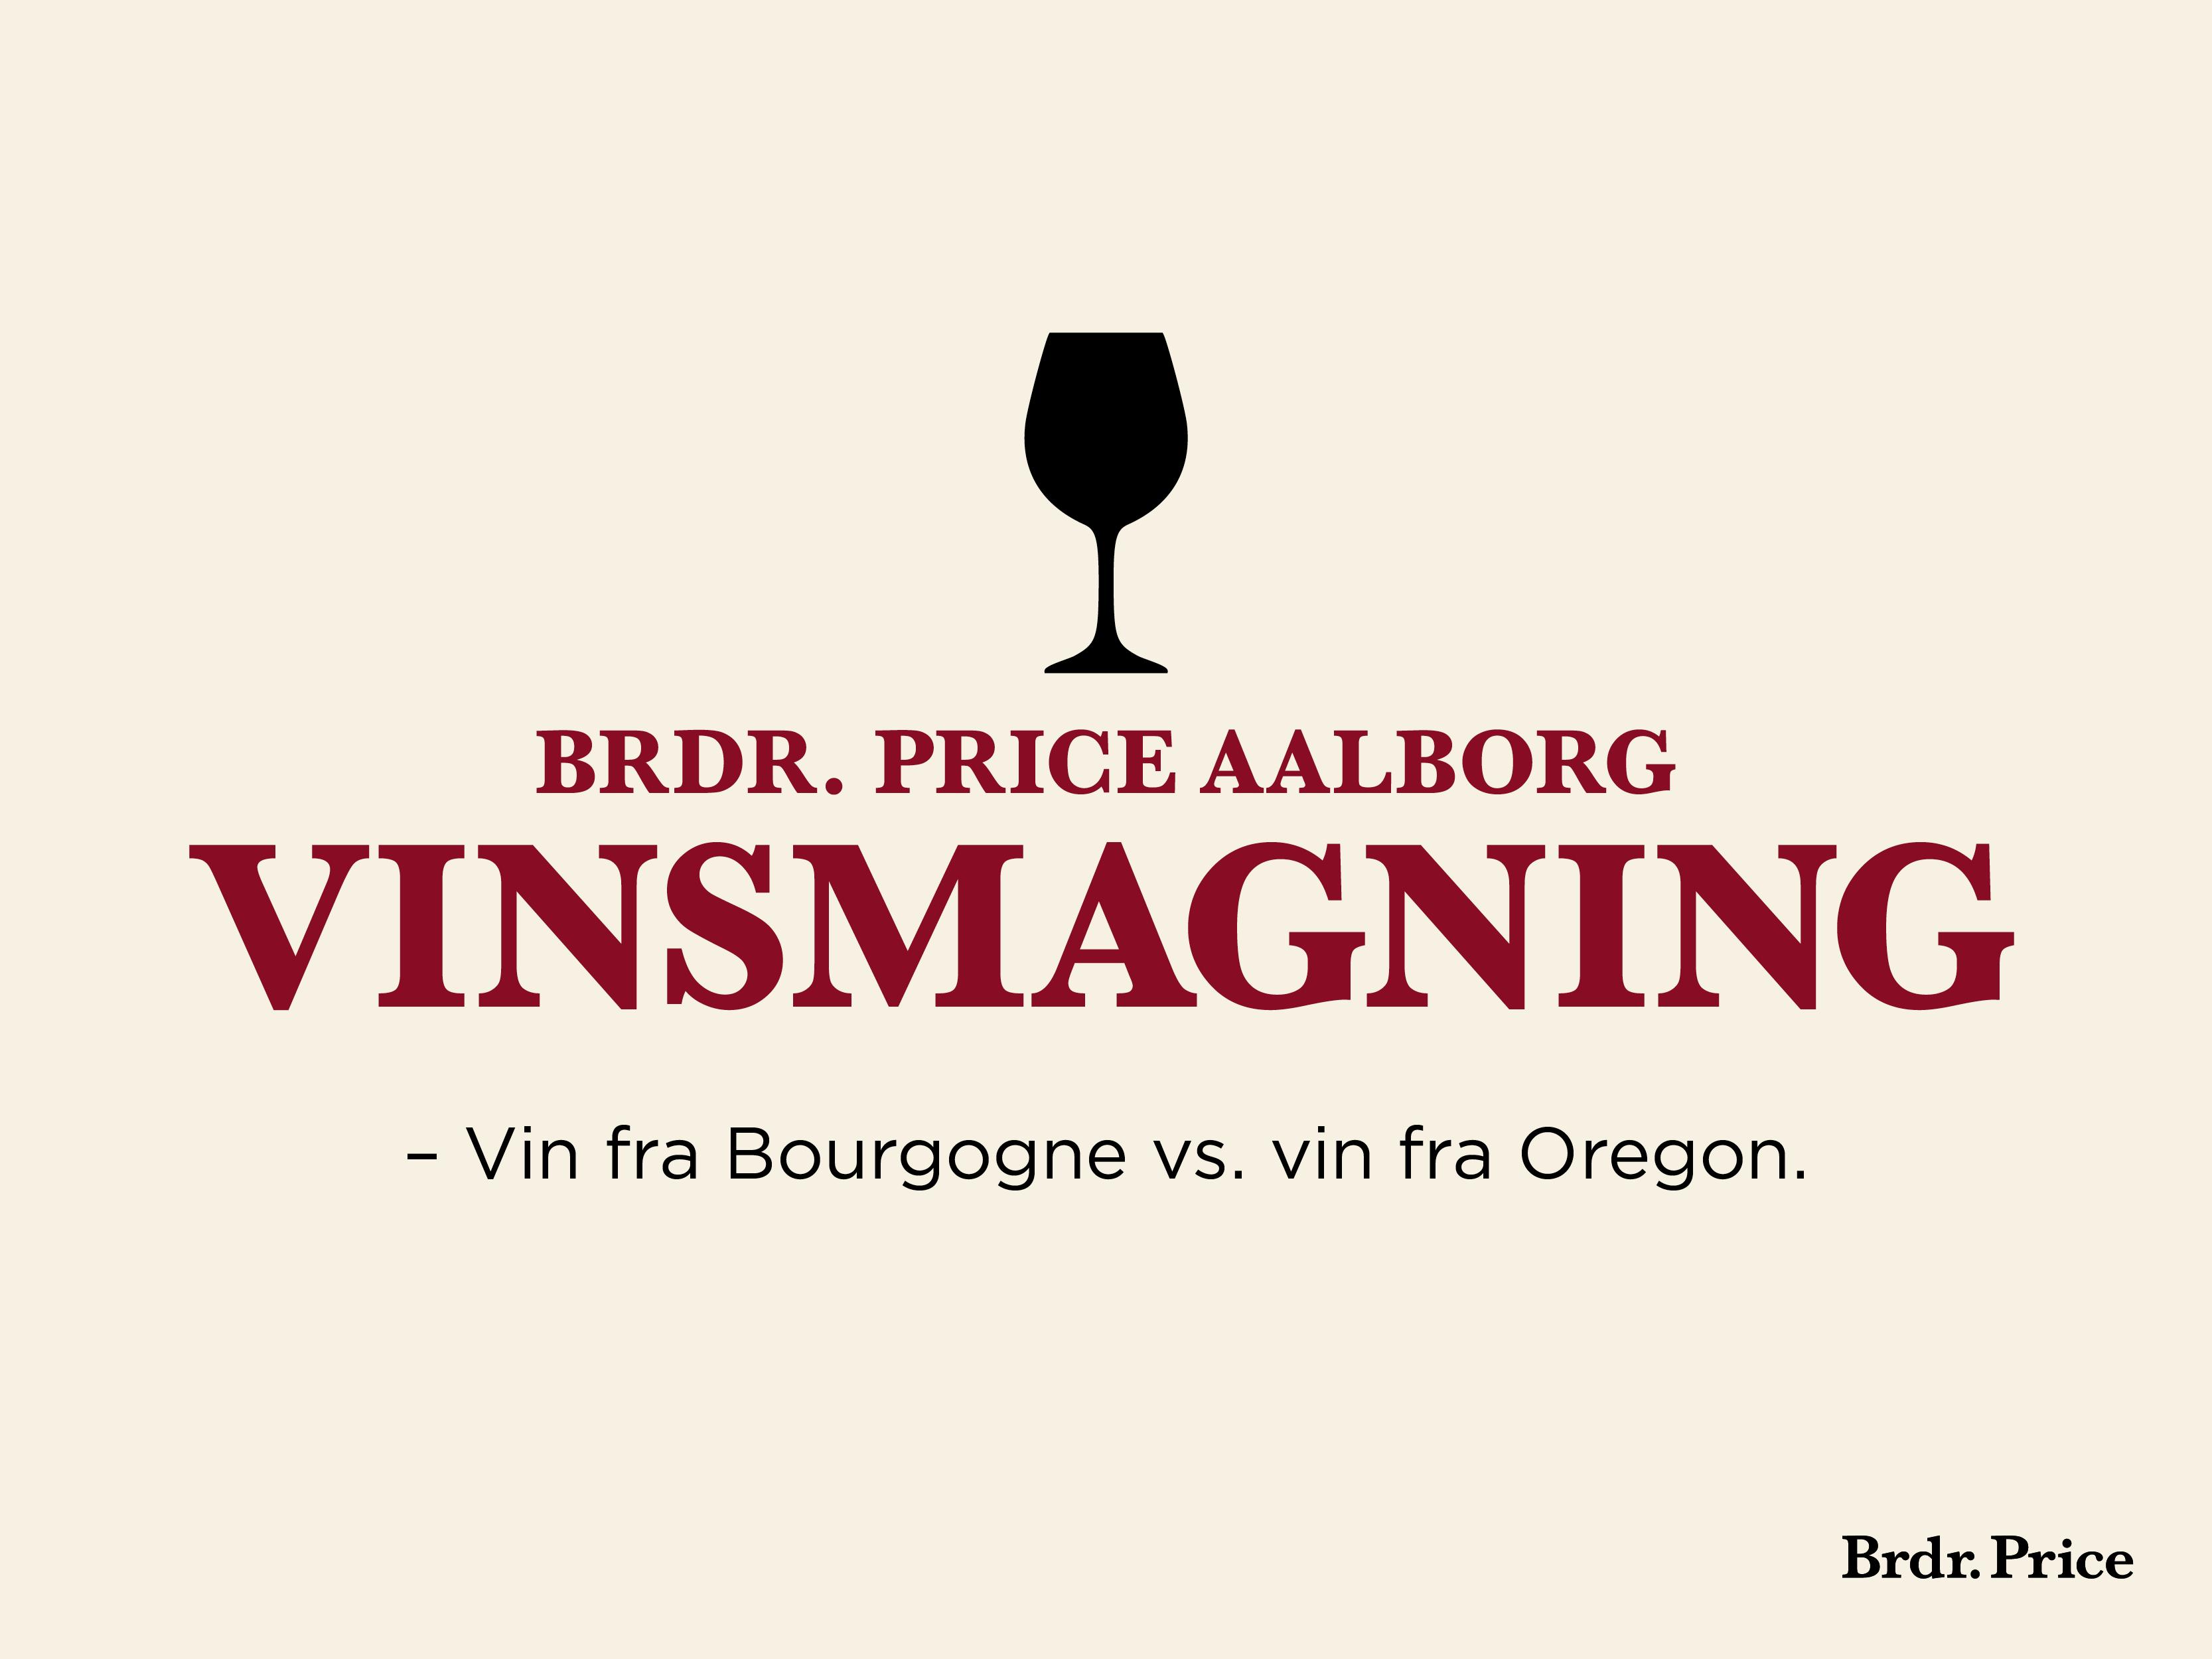 CWO_Vin_fra_Bourgogne_vs_vin_fra_Oregon_Lifepeaks.png